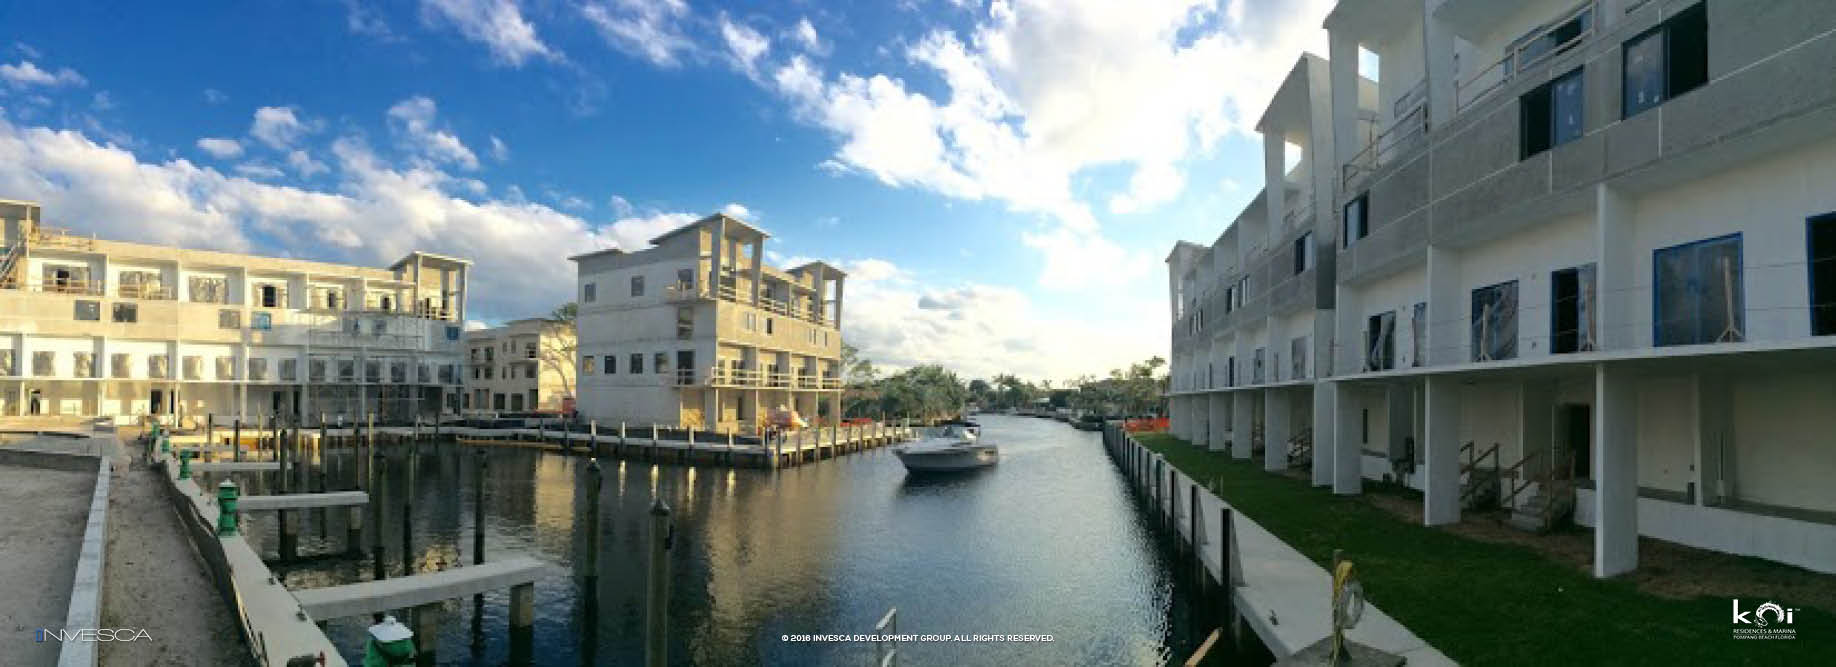 26-Slip Marina View